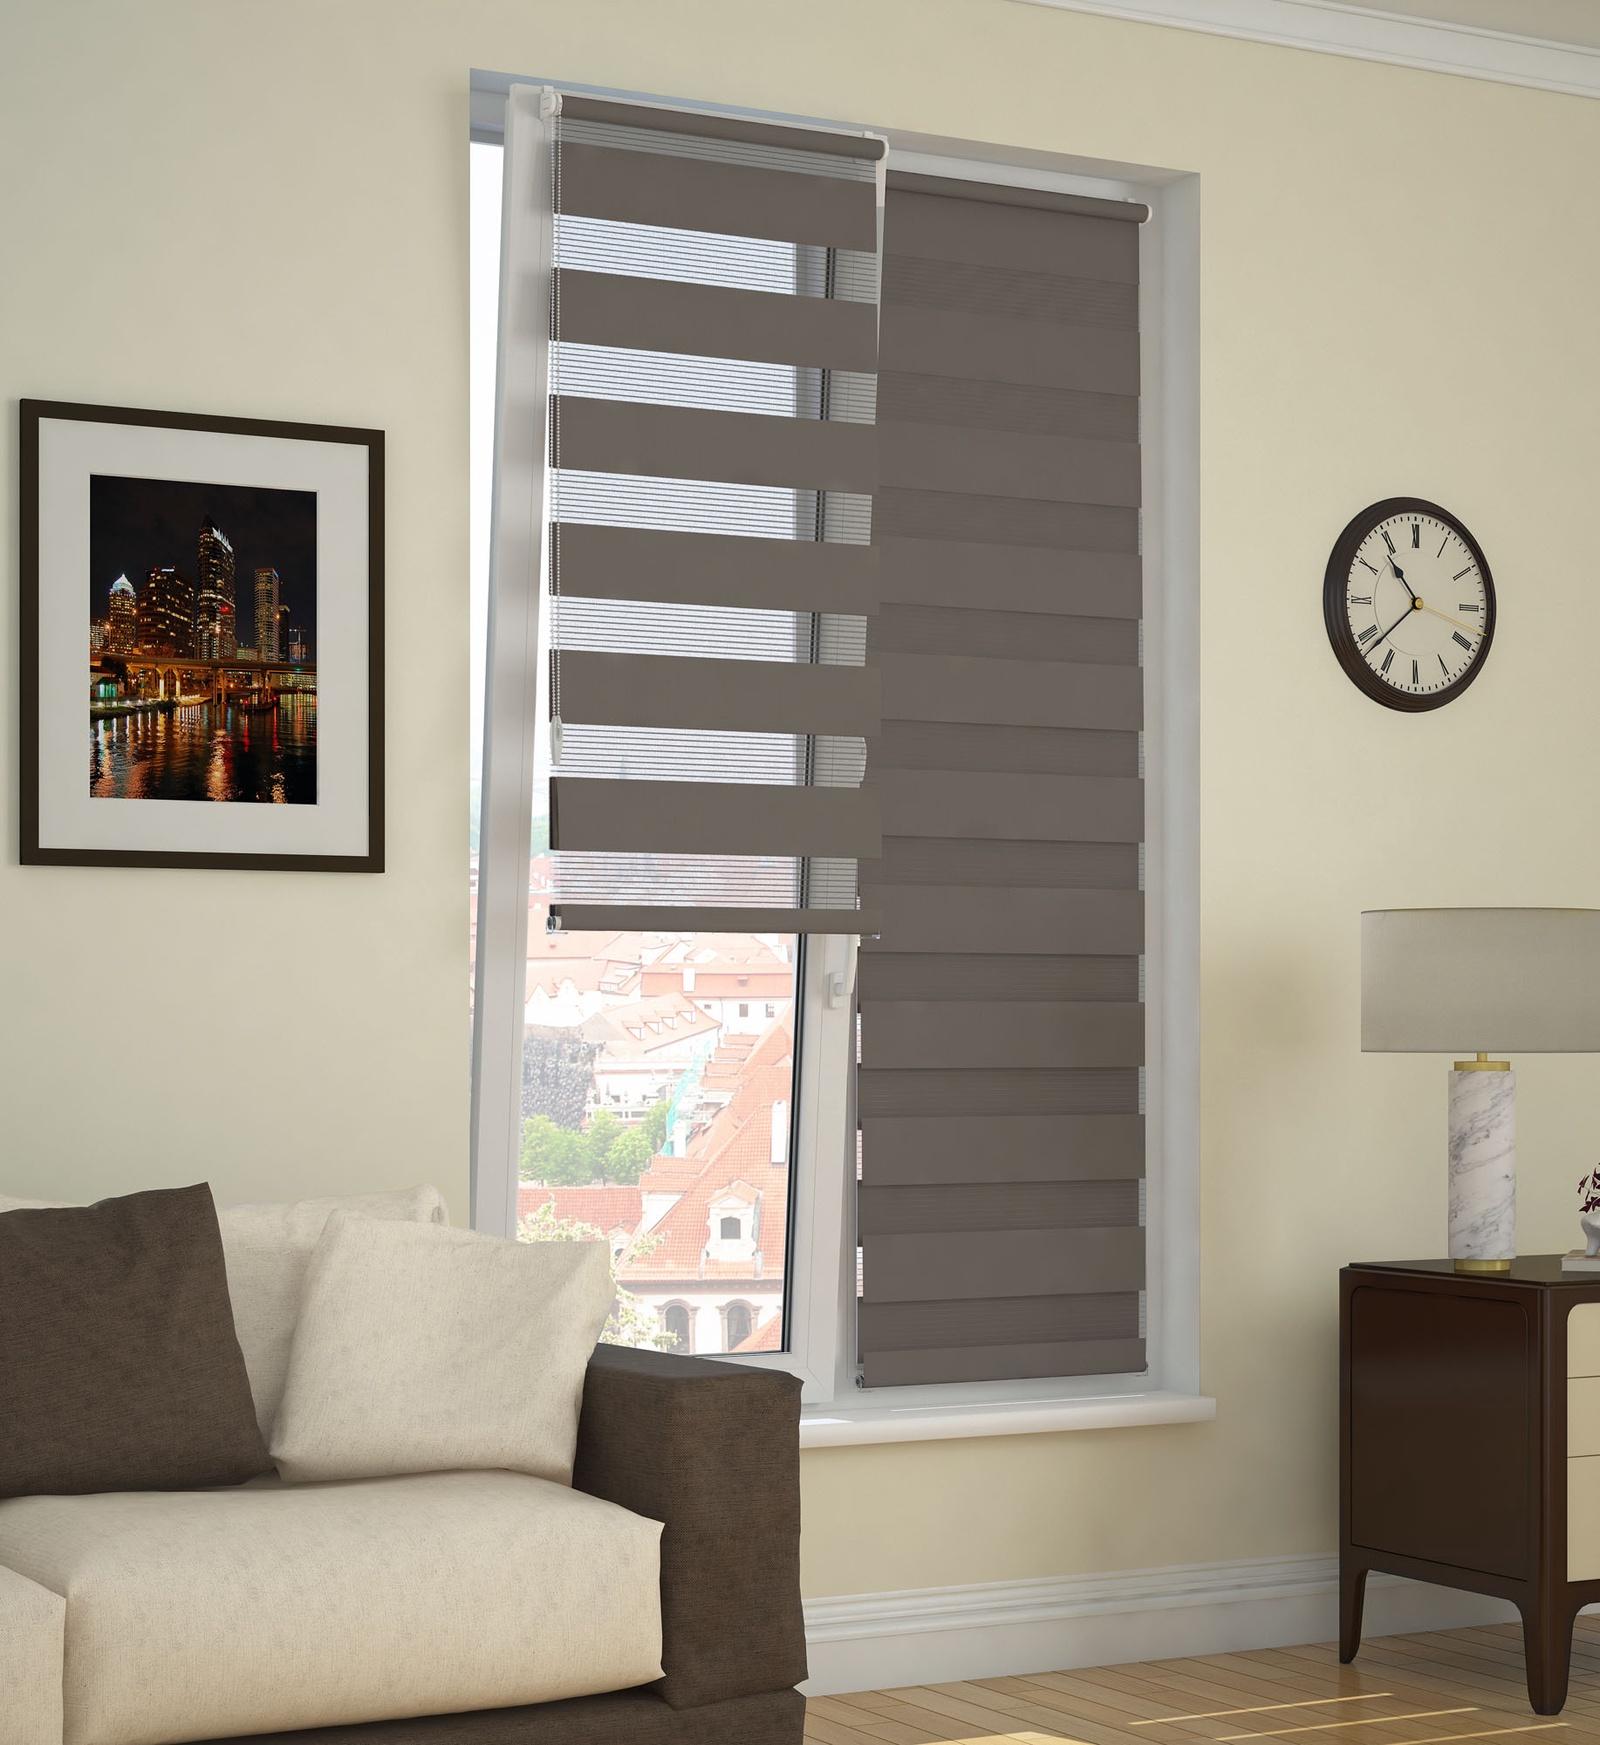 Фото - Рулонные шторы DDA 71079, коричневый рулонные шторы dda прованс принт 48x170 см